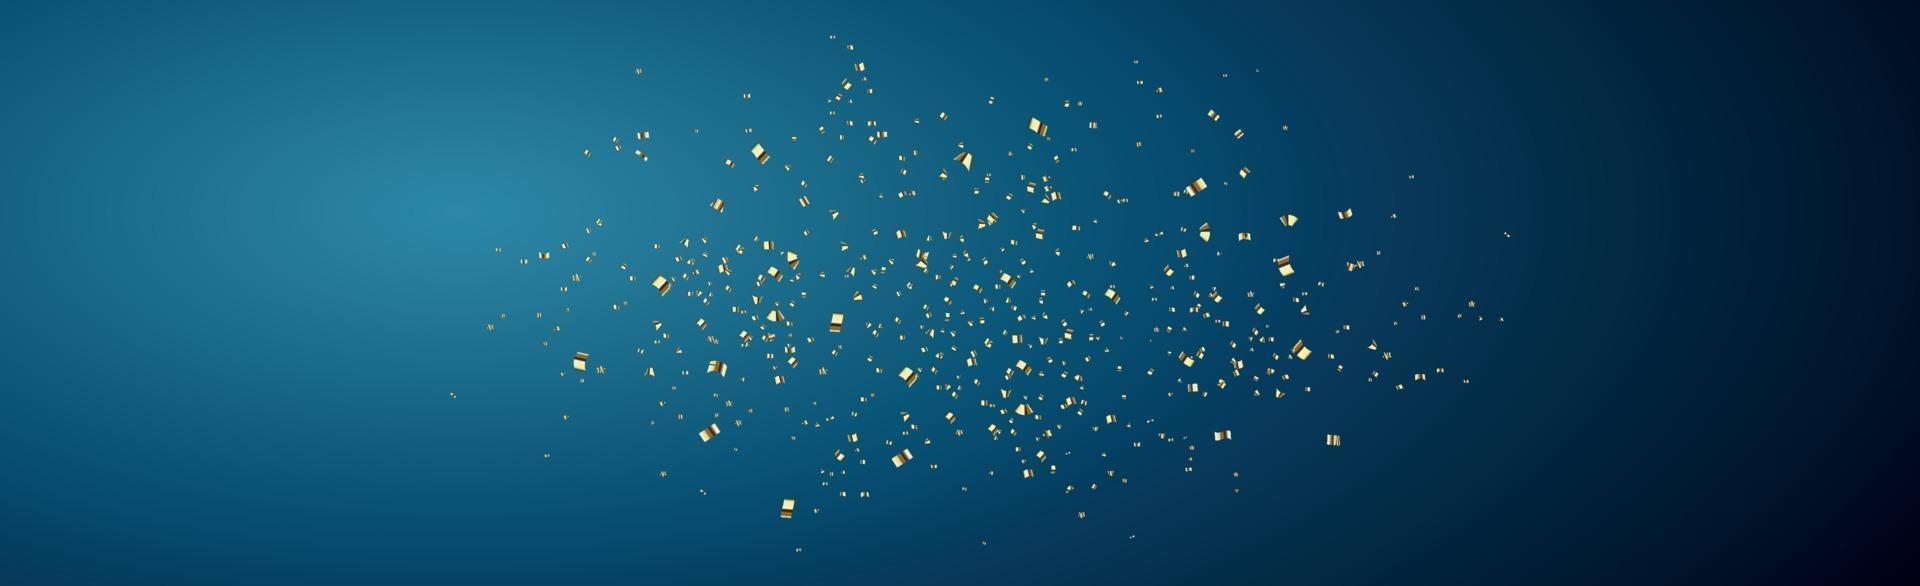 heldere gouden confetti op een donkerblauwe achtergrond - vectorillustratie vector